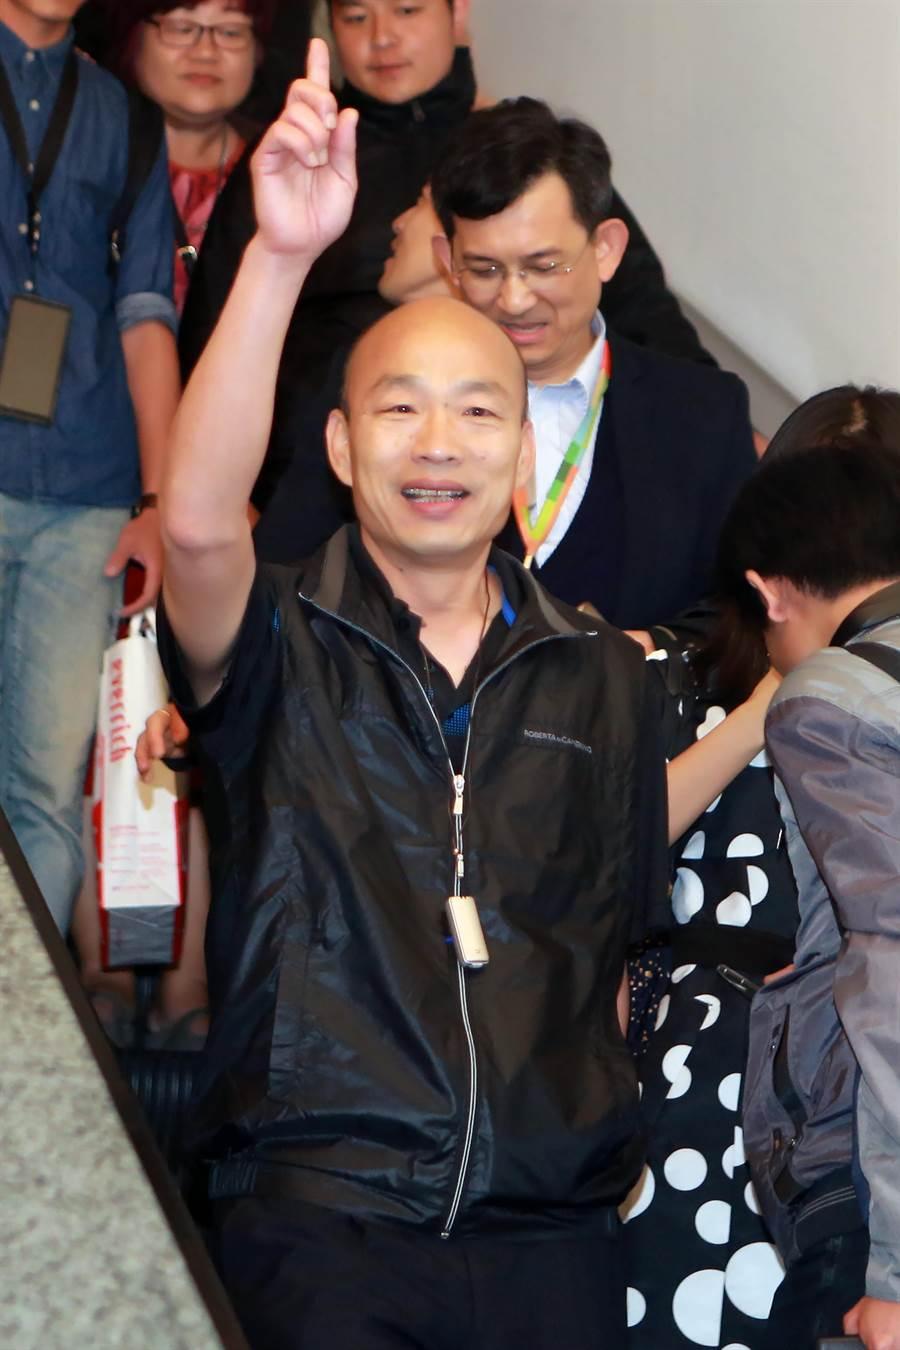 高雄市長韓國瑜結束休假行程,於今天晚間返台,他表示,這幾天利用自己的假期、陪著家人出國放鬆一下,感覺體力比較恢復;對於部分人的酸言酸語,他認為「的確很無聊」。(陳麒全攝)